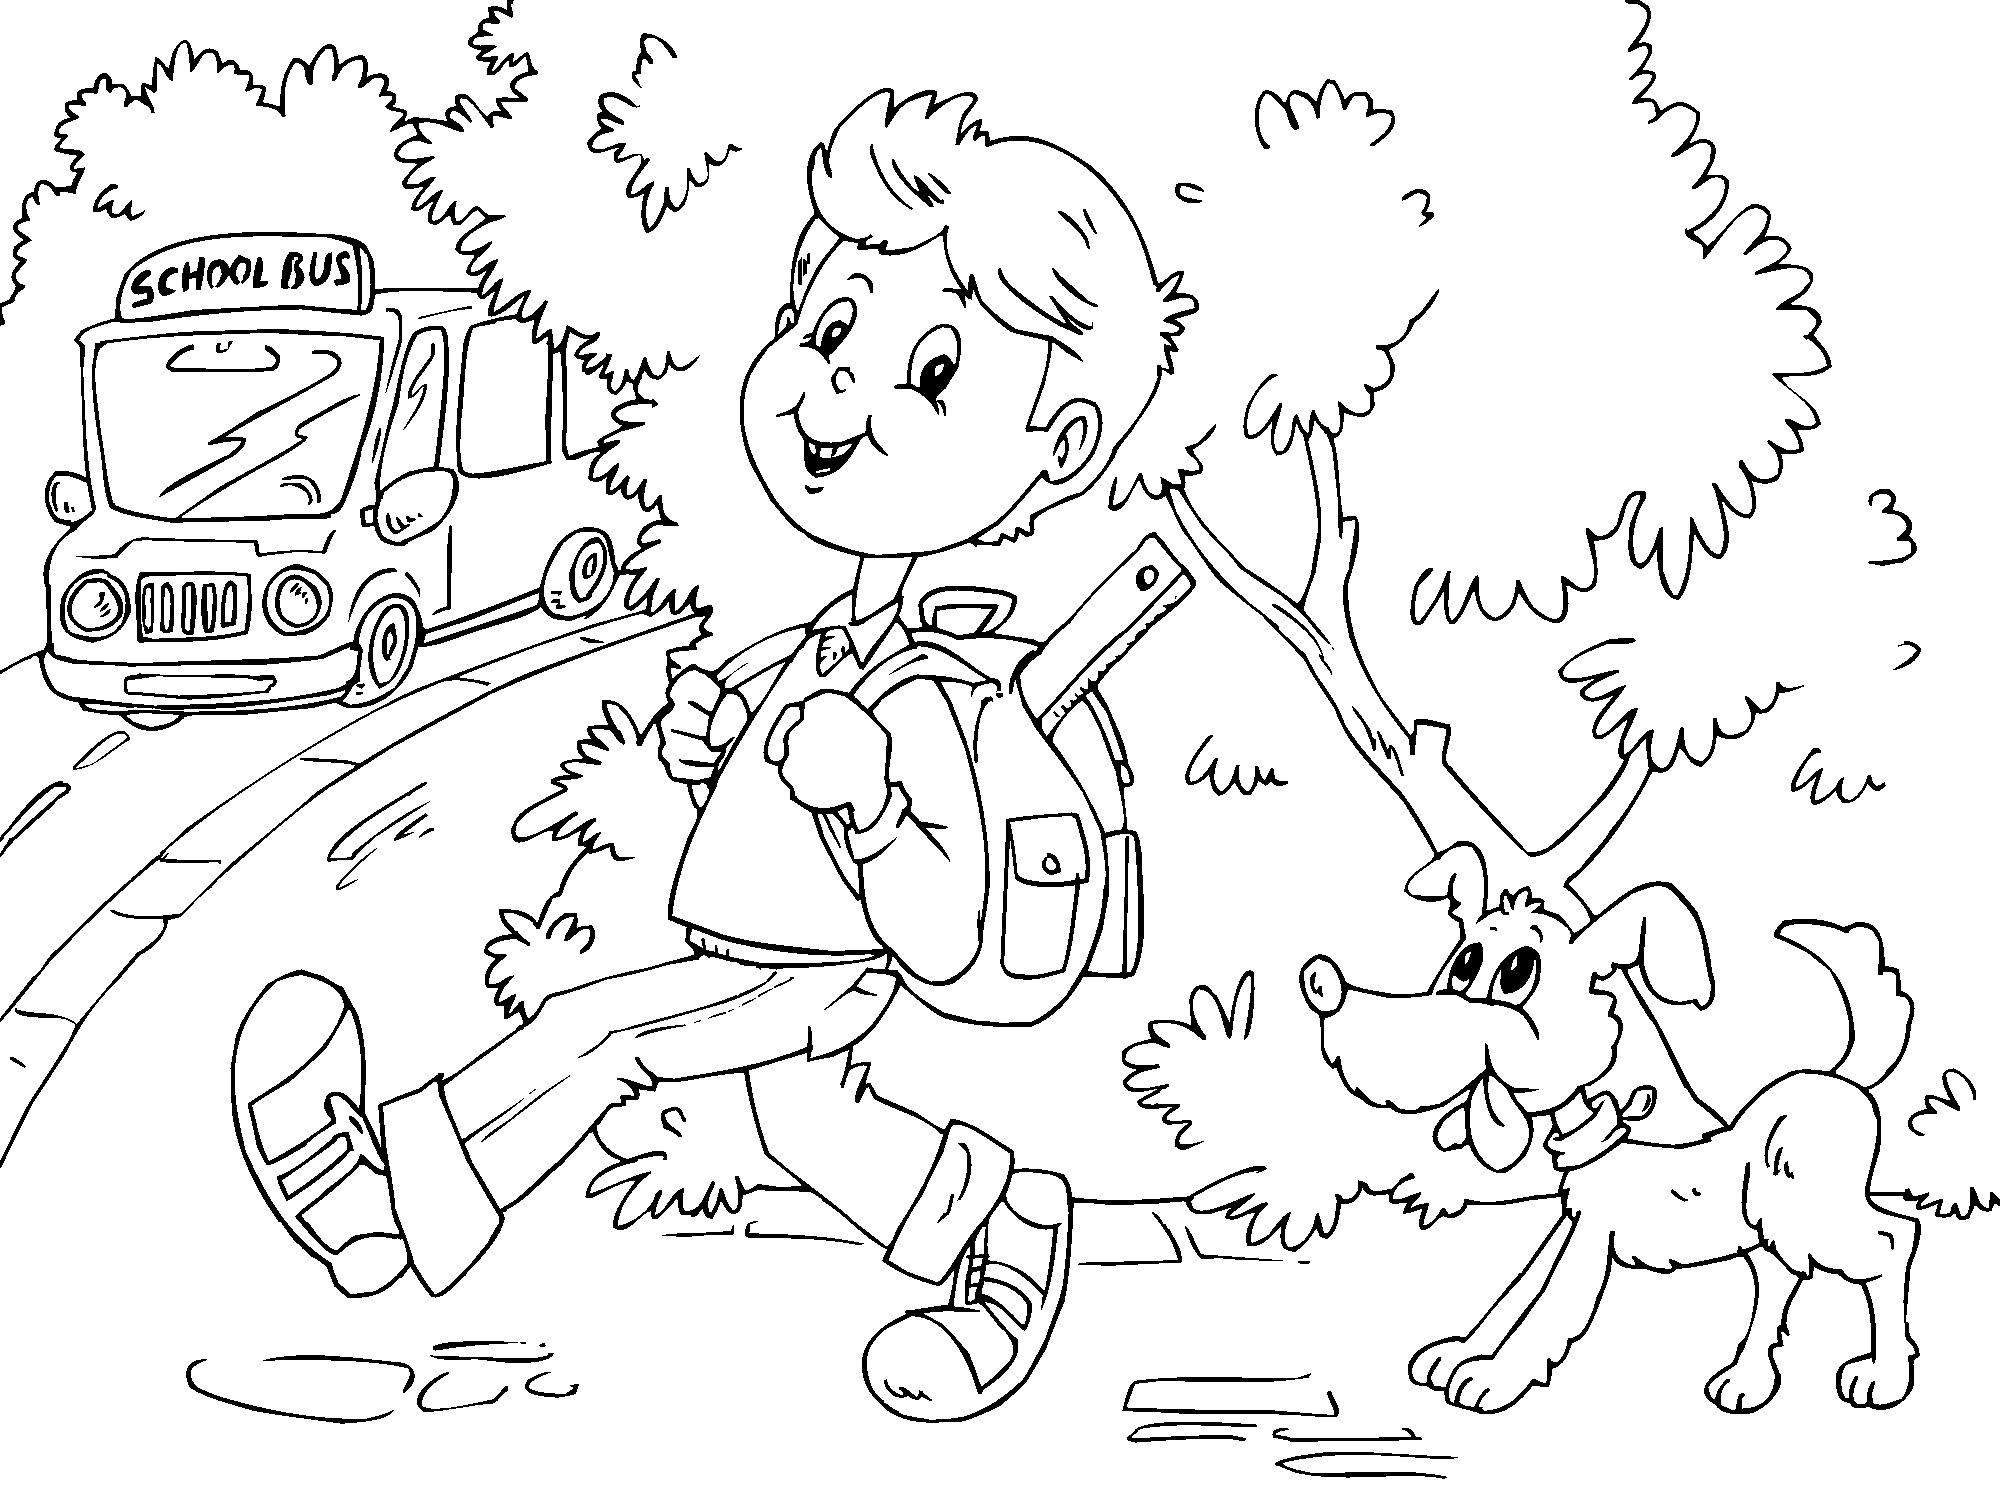 Dibujo De Lecturas De Colegio Para Colorear: Dibujo Para Colorear Ir Al Colegio En Autobús